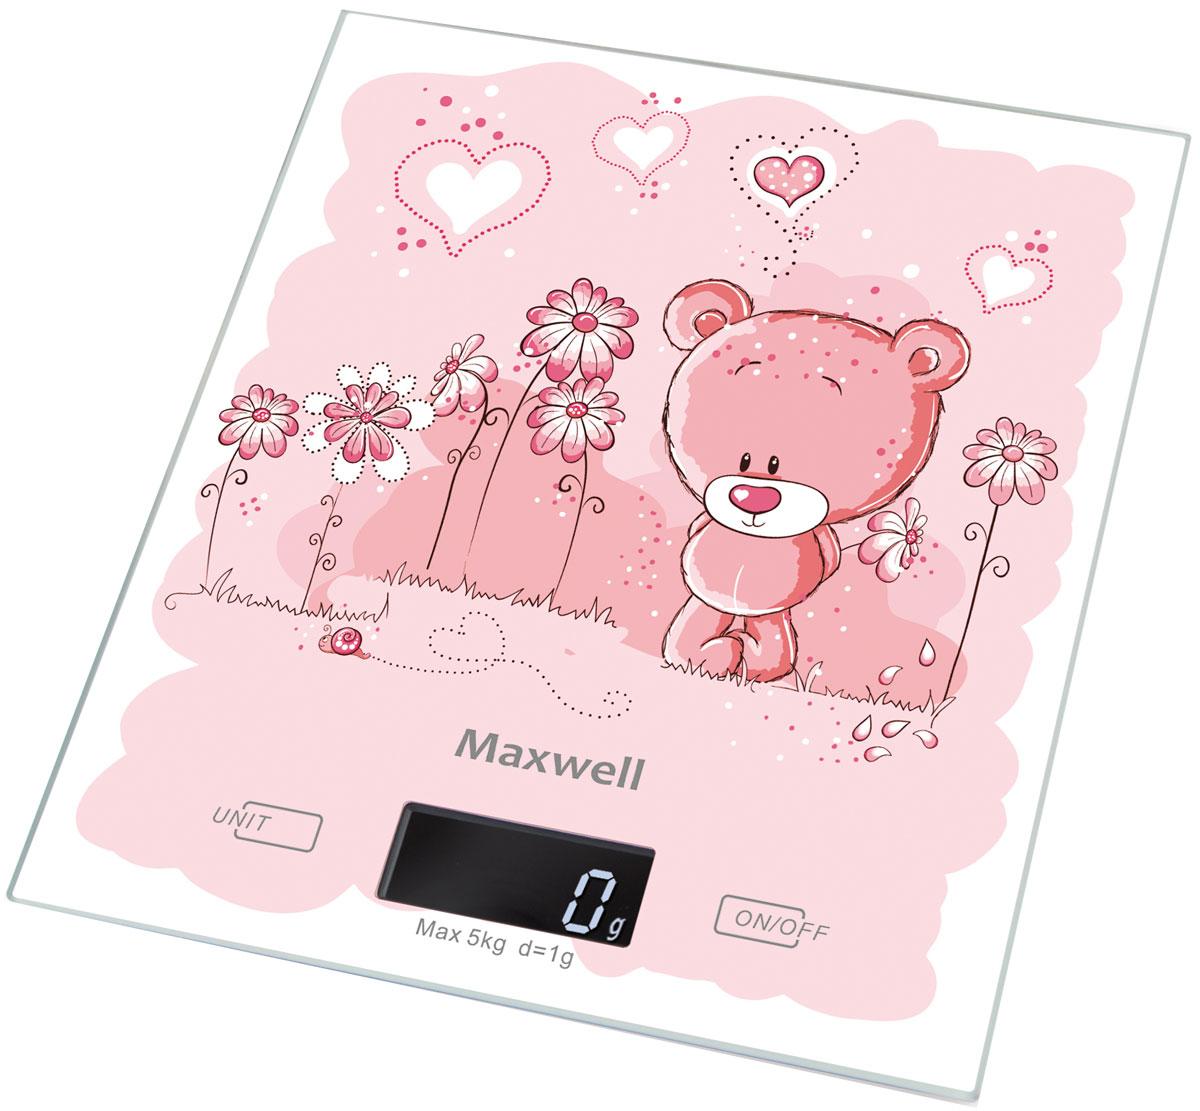 Maxwell MW-1477(PK) весы кухонныеMW-1477(PK)Кухонные электронные весы Maxwell MW-1477(PK) - незаменимый помощник современной хозяйки. Они помогут точно взвесить любые продукты и ингредиенты. Кроме того, позволят людям, соблюдающим диету, контролировать количество съедаемой пищи и размеры порций. Предназначены для взвешивания продуктов с точностью измерения 1 грамм. Размер весов: 20 см х 18 см Размер дисплея: 4,58 см х 1,7 см